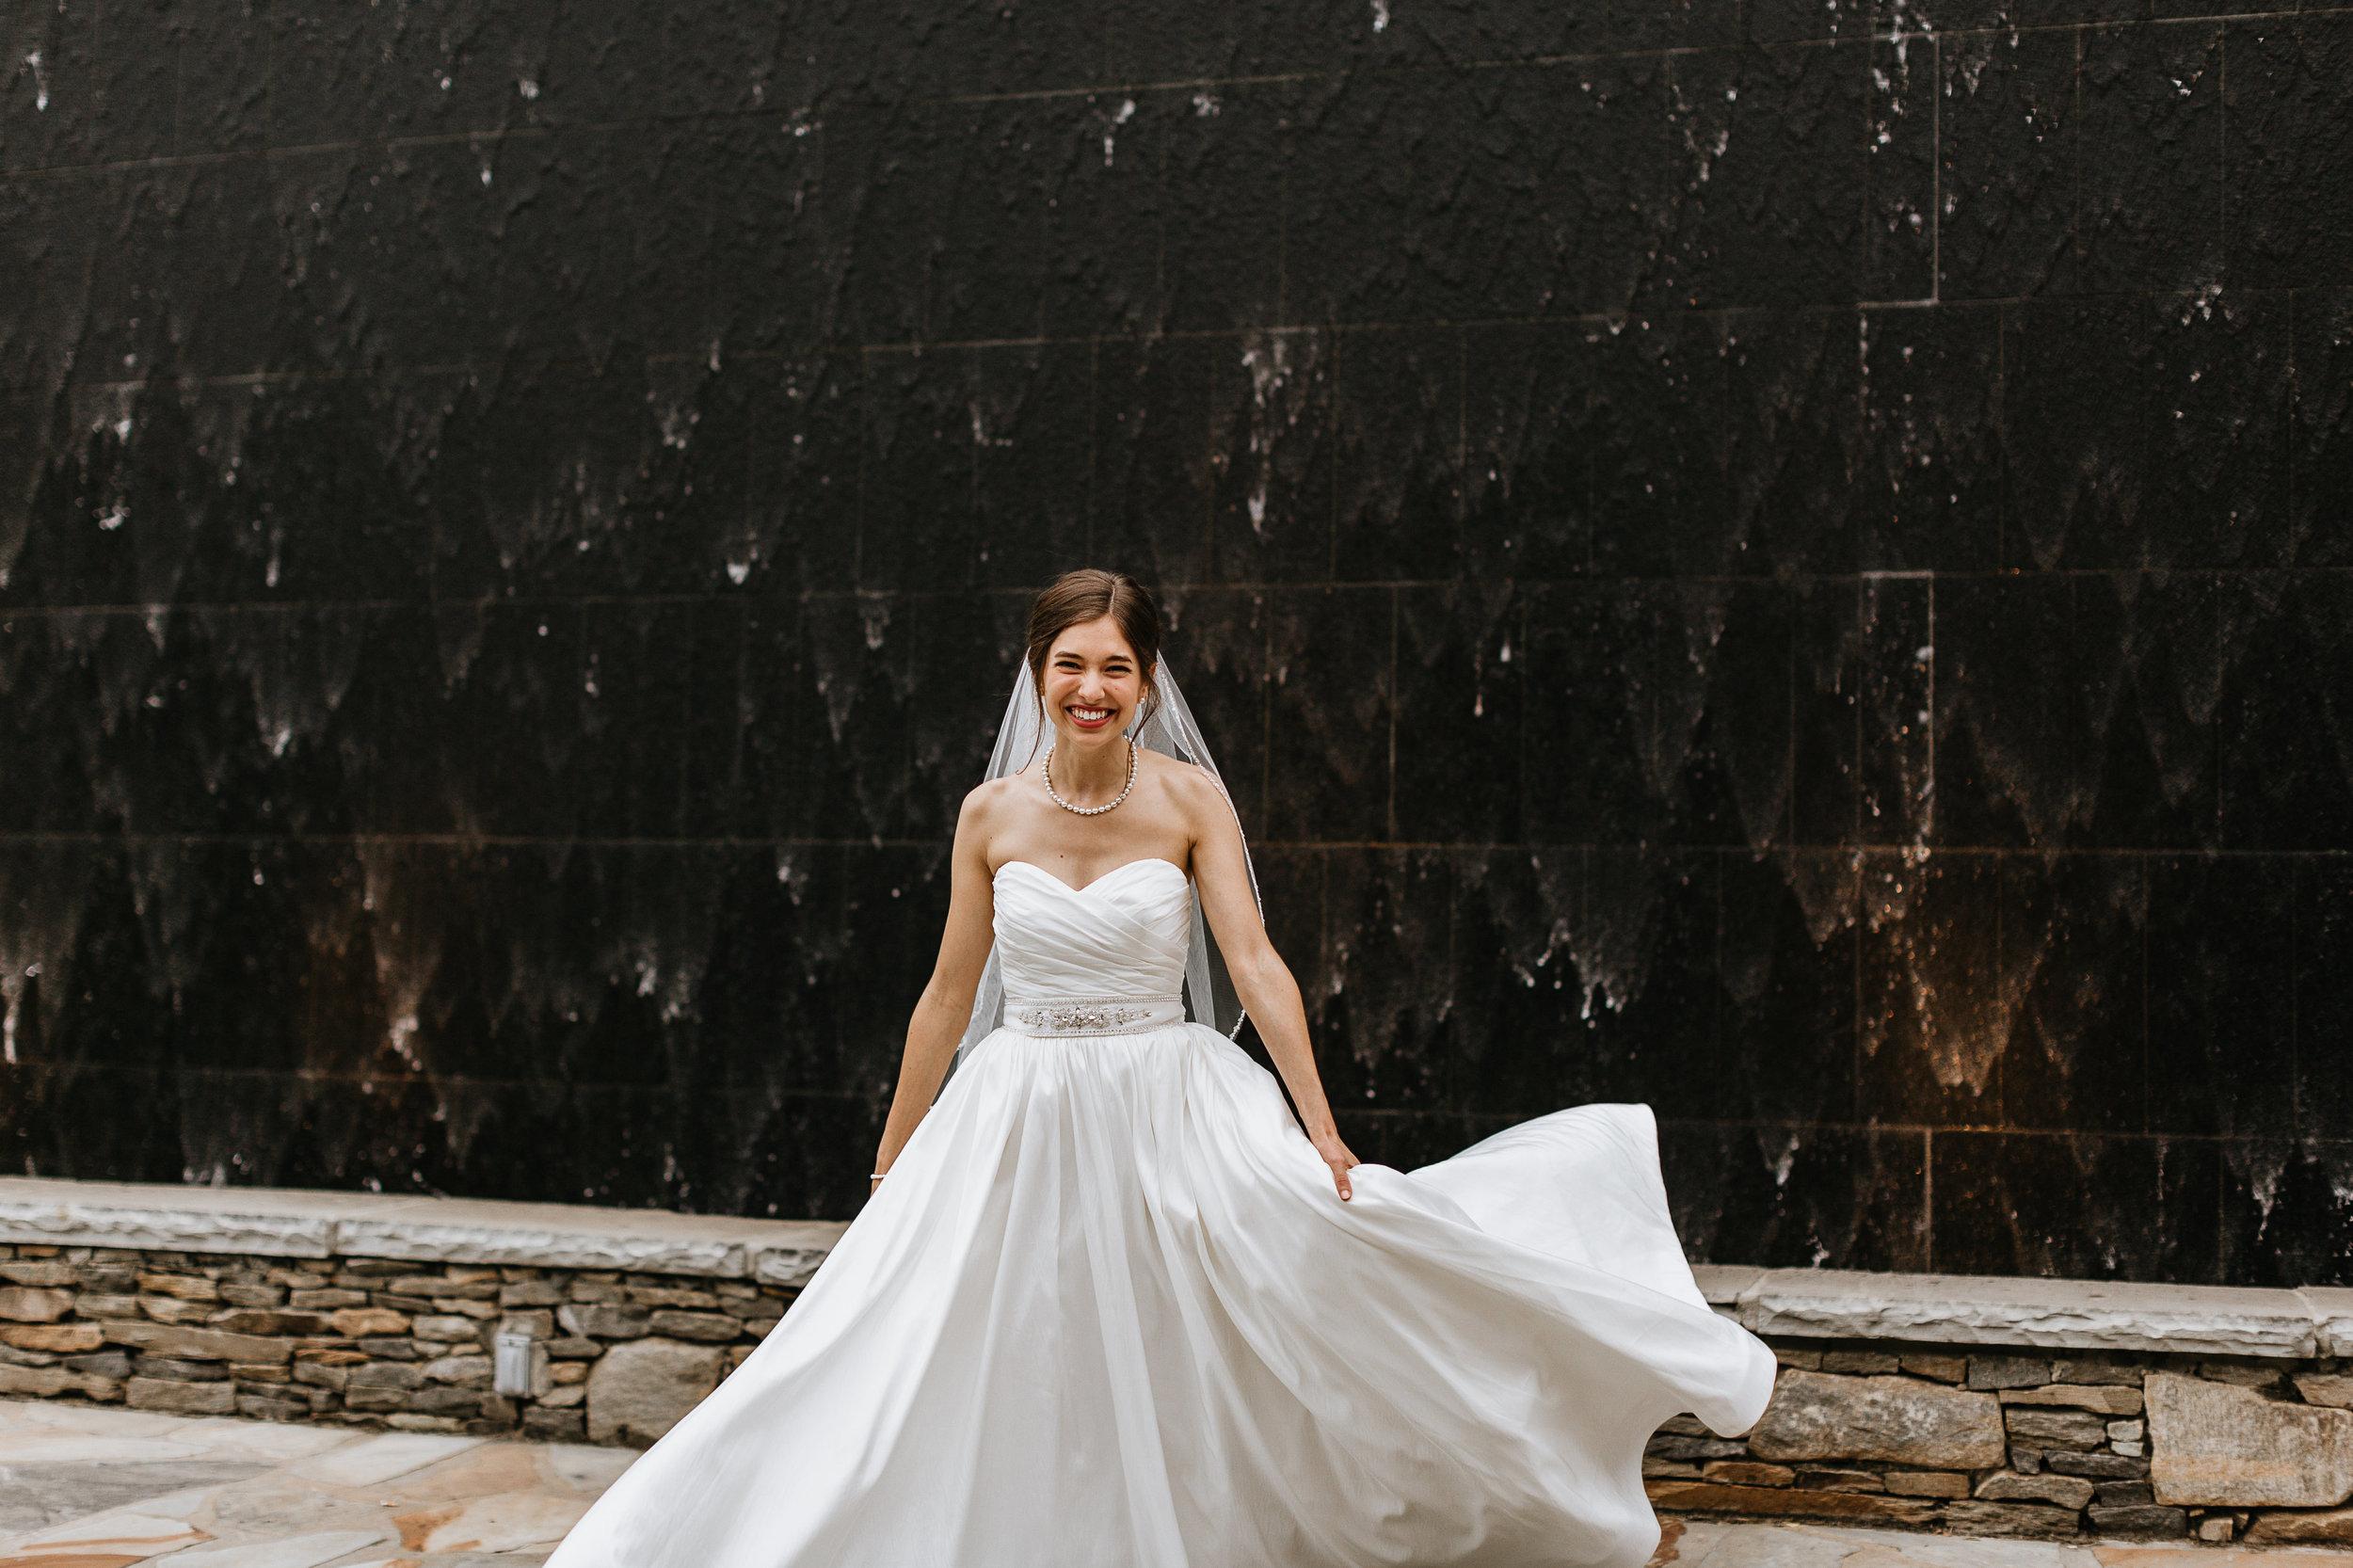 hanna bridals pt 1-hanna edited-0027.jpg